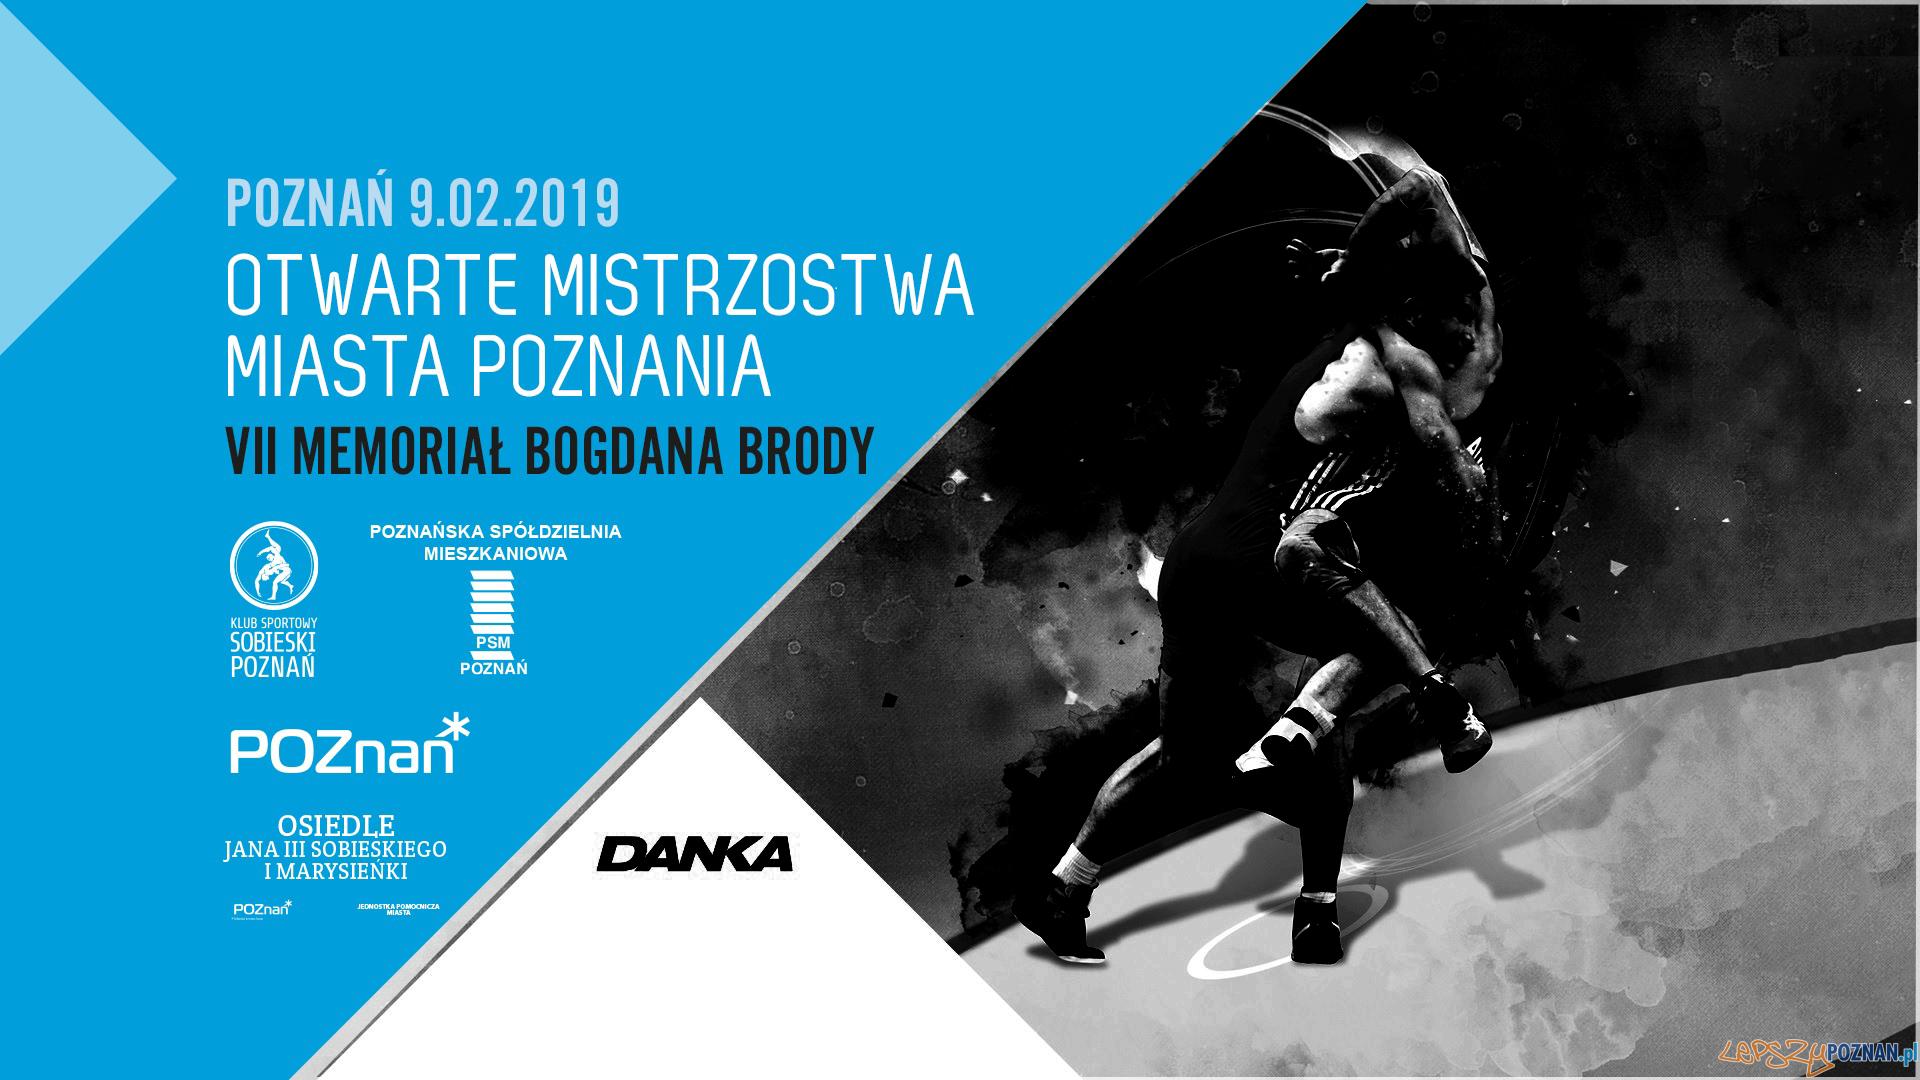 Mistrzostwa Miasta Poznania w Zapasach - Memoriał Bogdana Brody  Foto: materiały prasowe